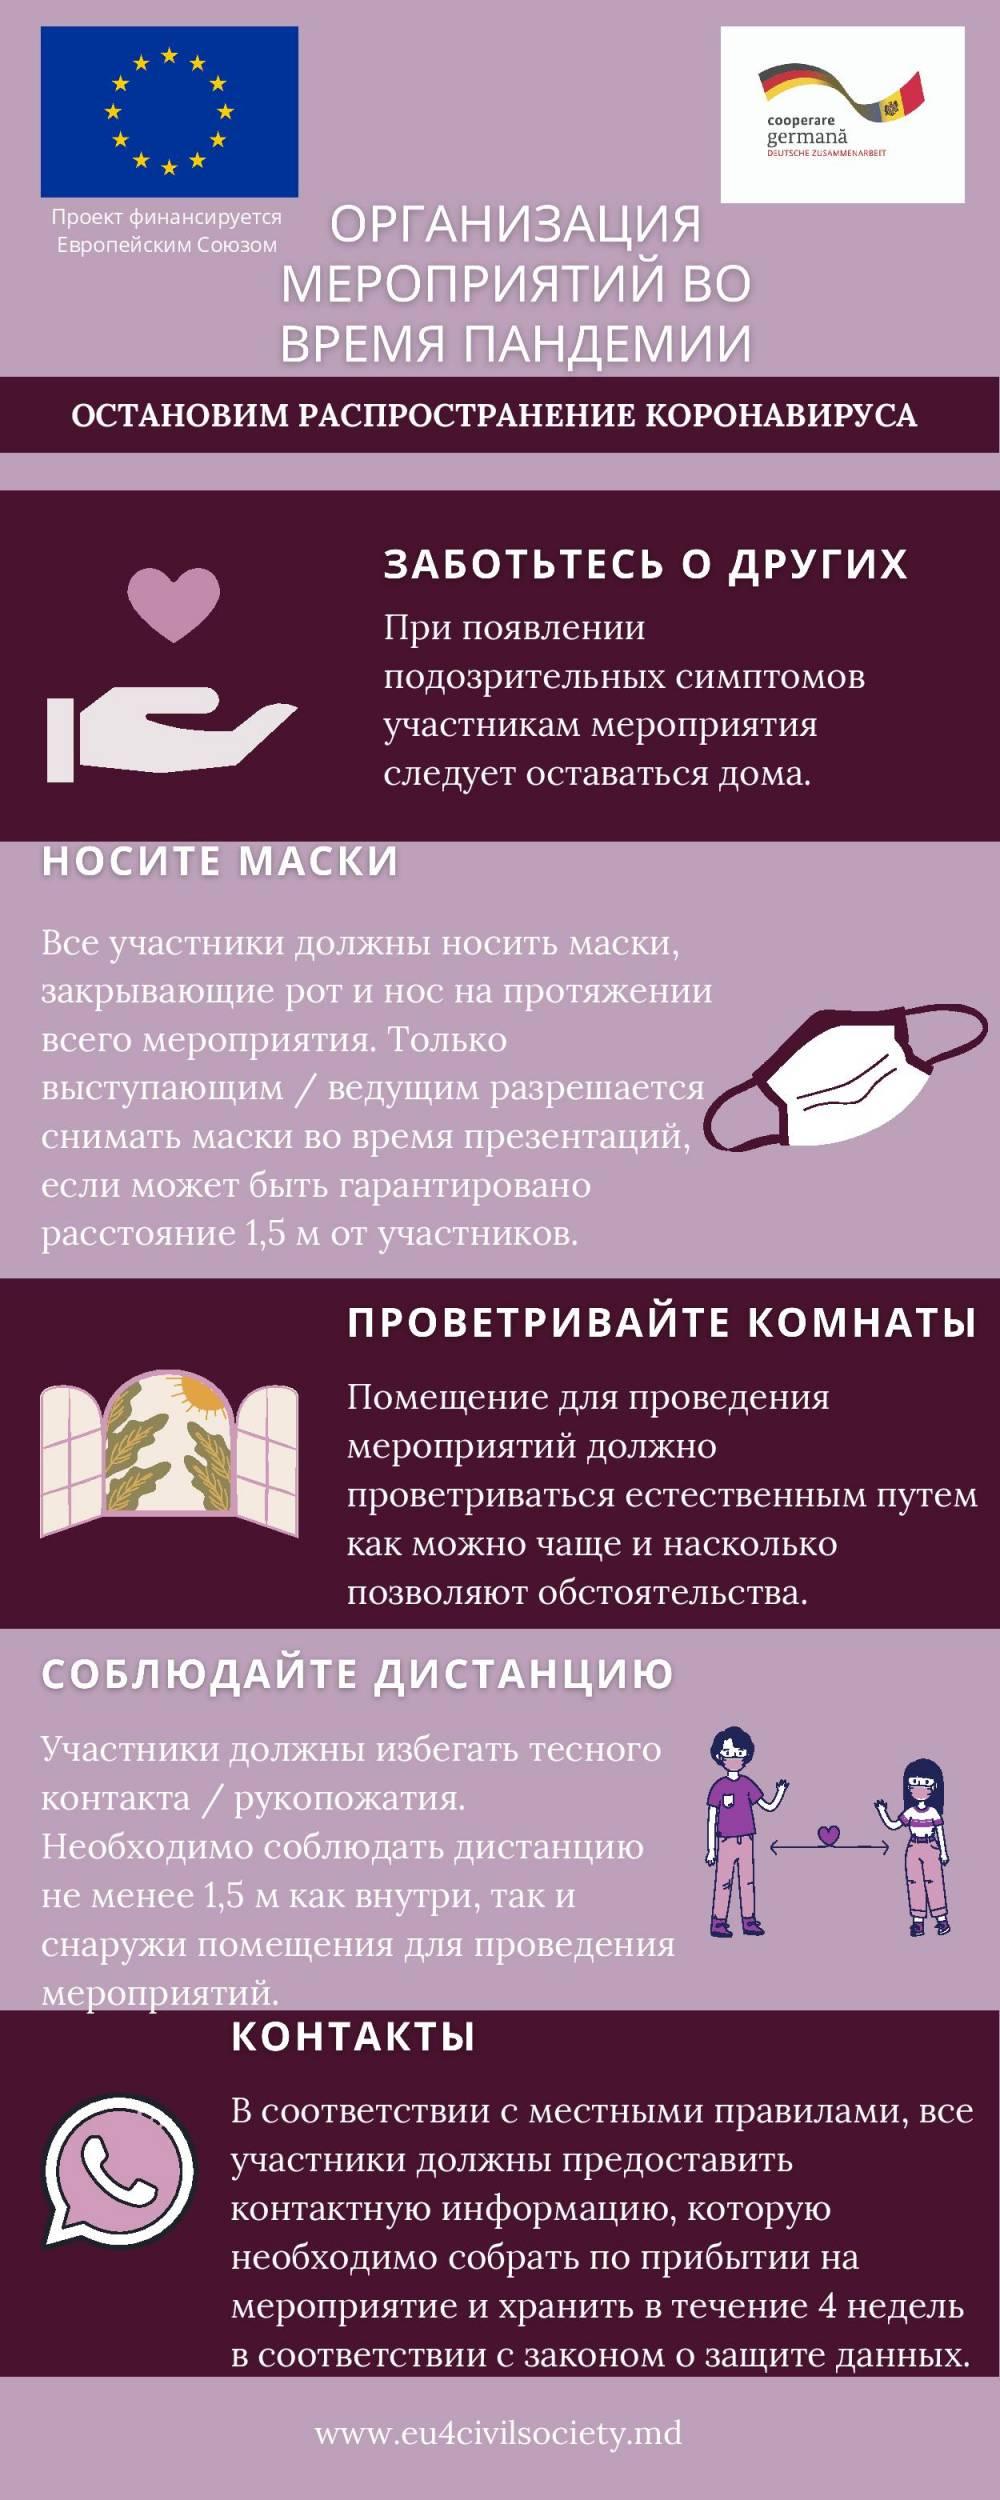 Даже если мы частично вернулись к физическим встречам, команда проекта «Расширение прав и возможностей граждан в Республике Молдова» не забывает о самых элементарных санитарных мерах , которые вы можете увидеть в нашей брошюре